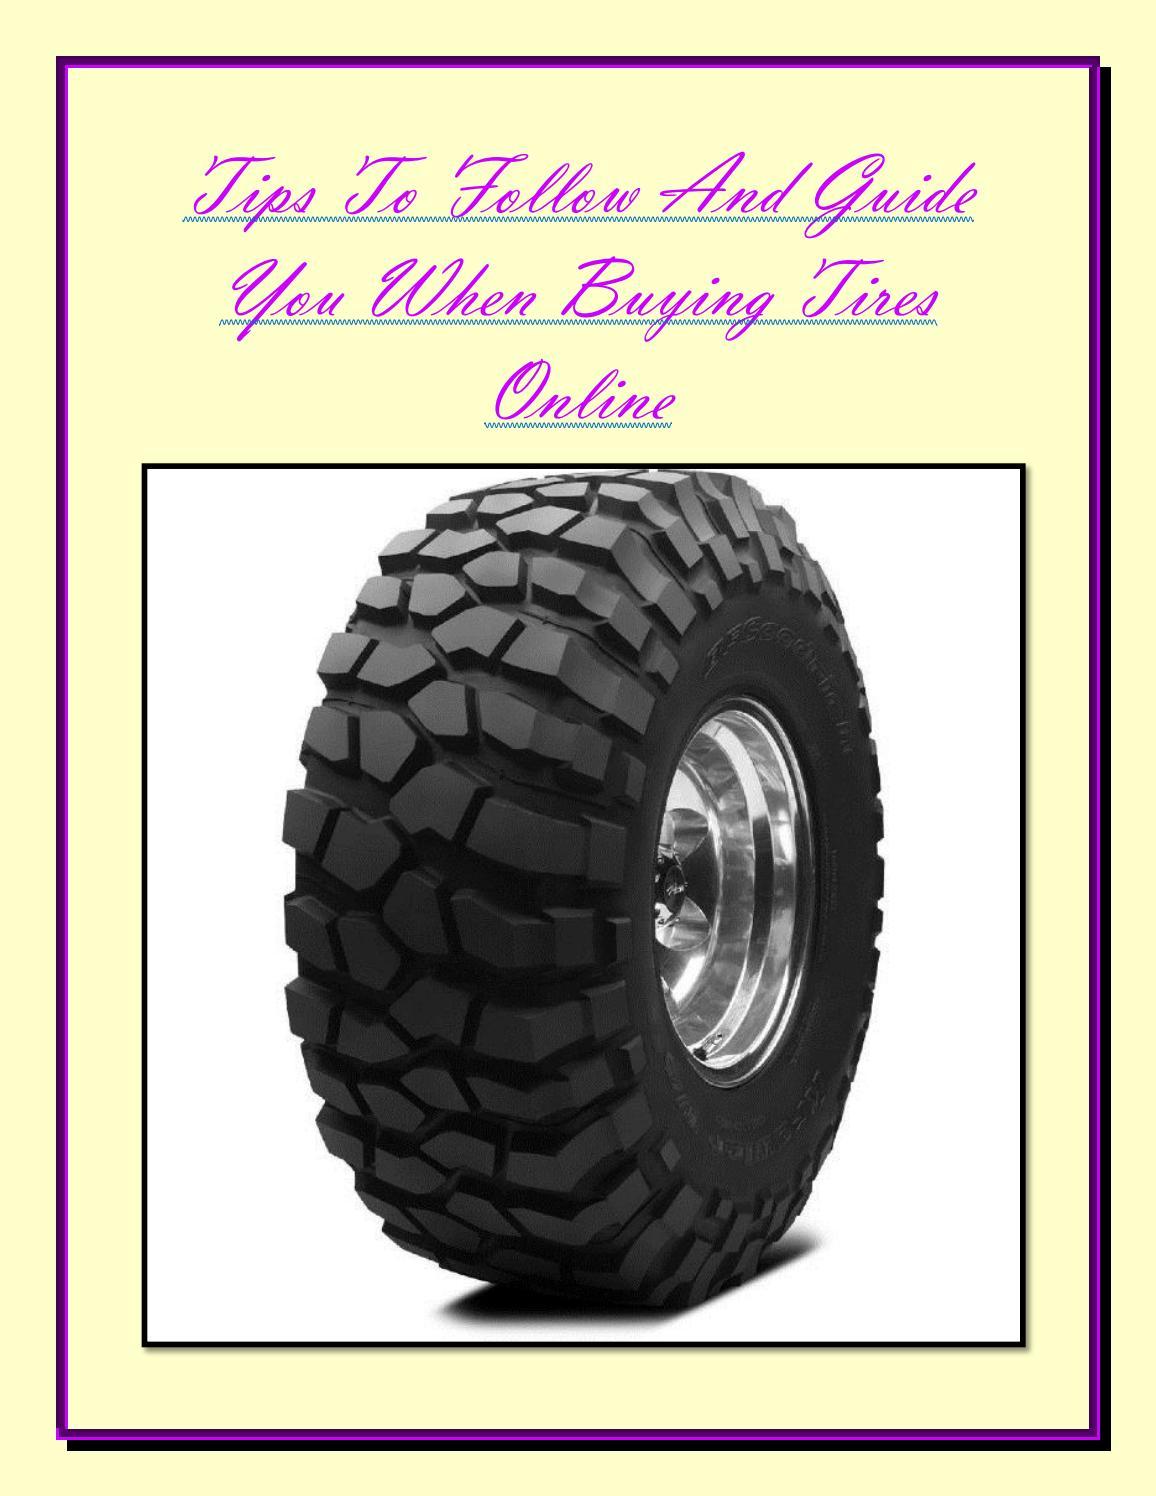 Buy Tires Online >> Buy Tires Online By Itiresonline Issuu